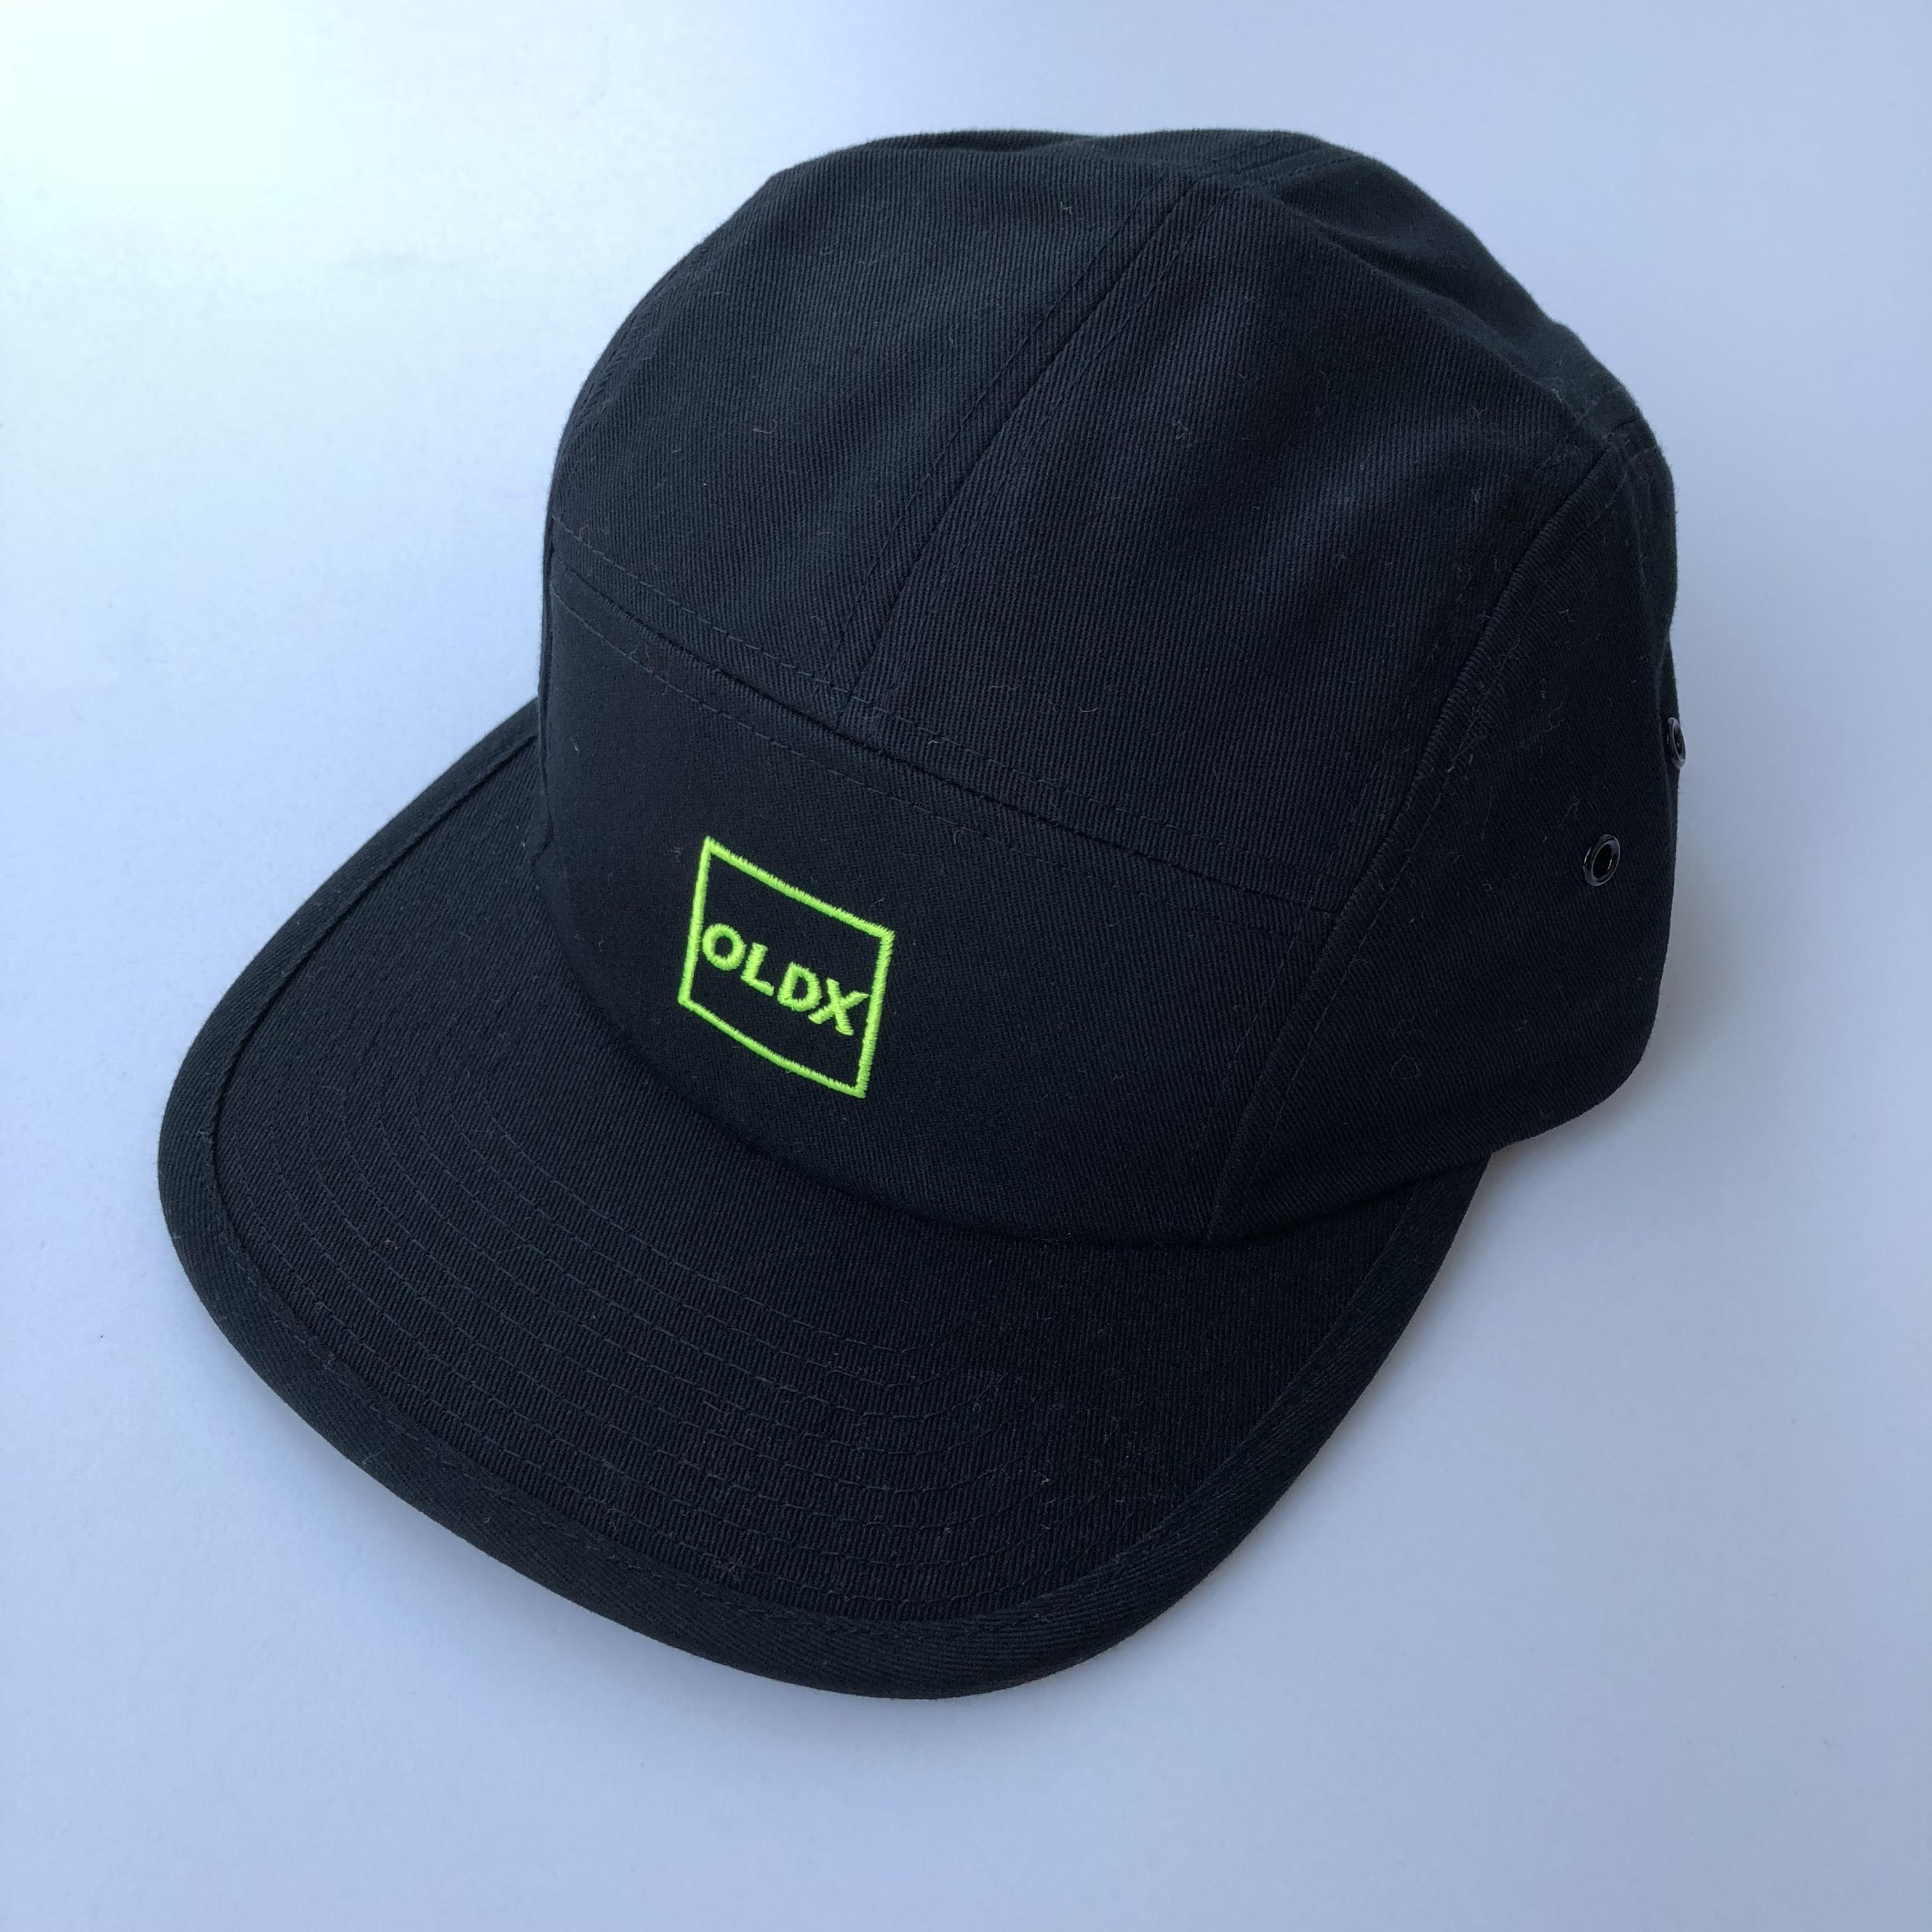 Squar logo camp cap BLACK